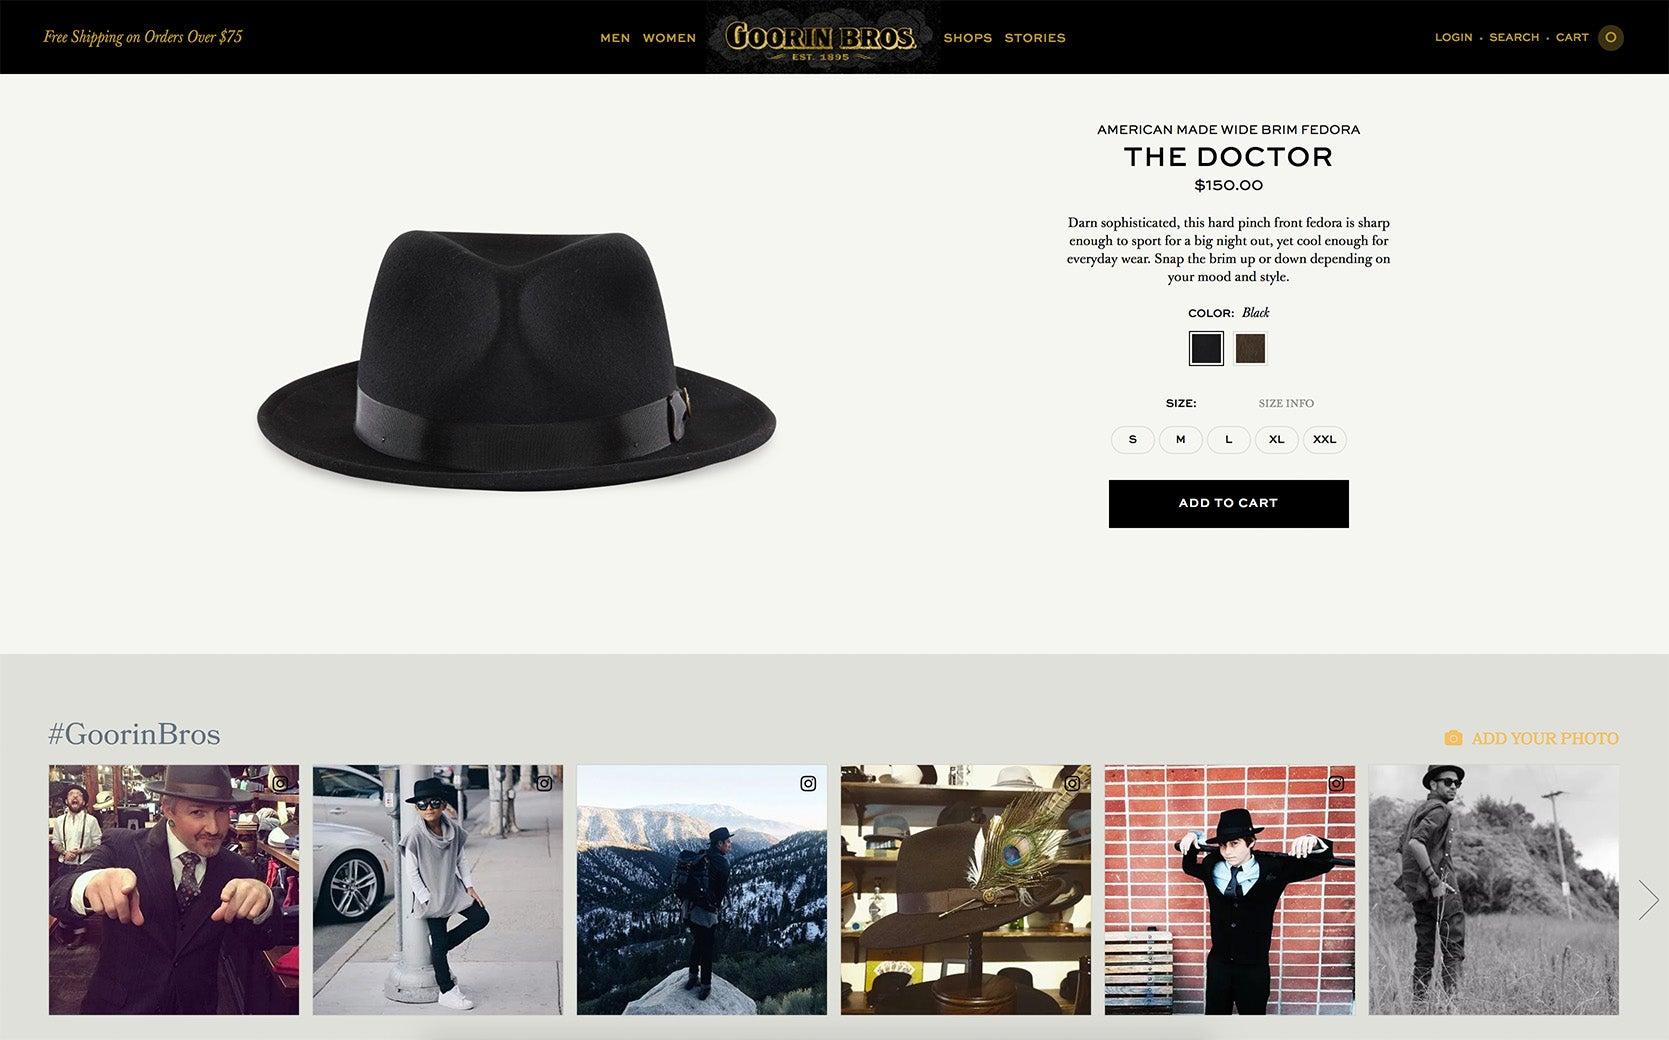 e2a918a5ada Goorin Bros. Use Customer Photos to Increase Online Sales